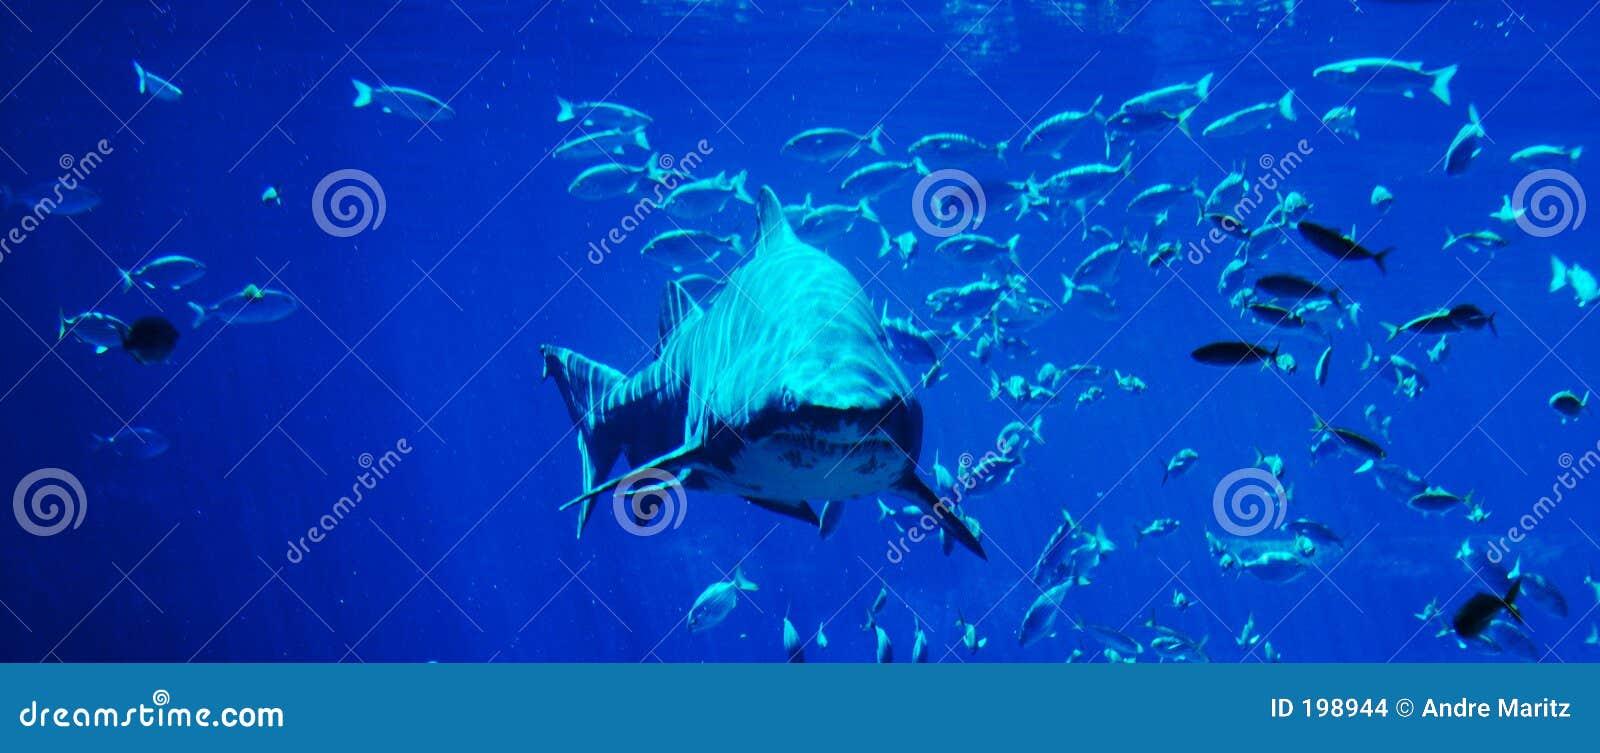 Mancha do tubarão